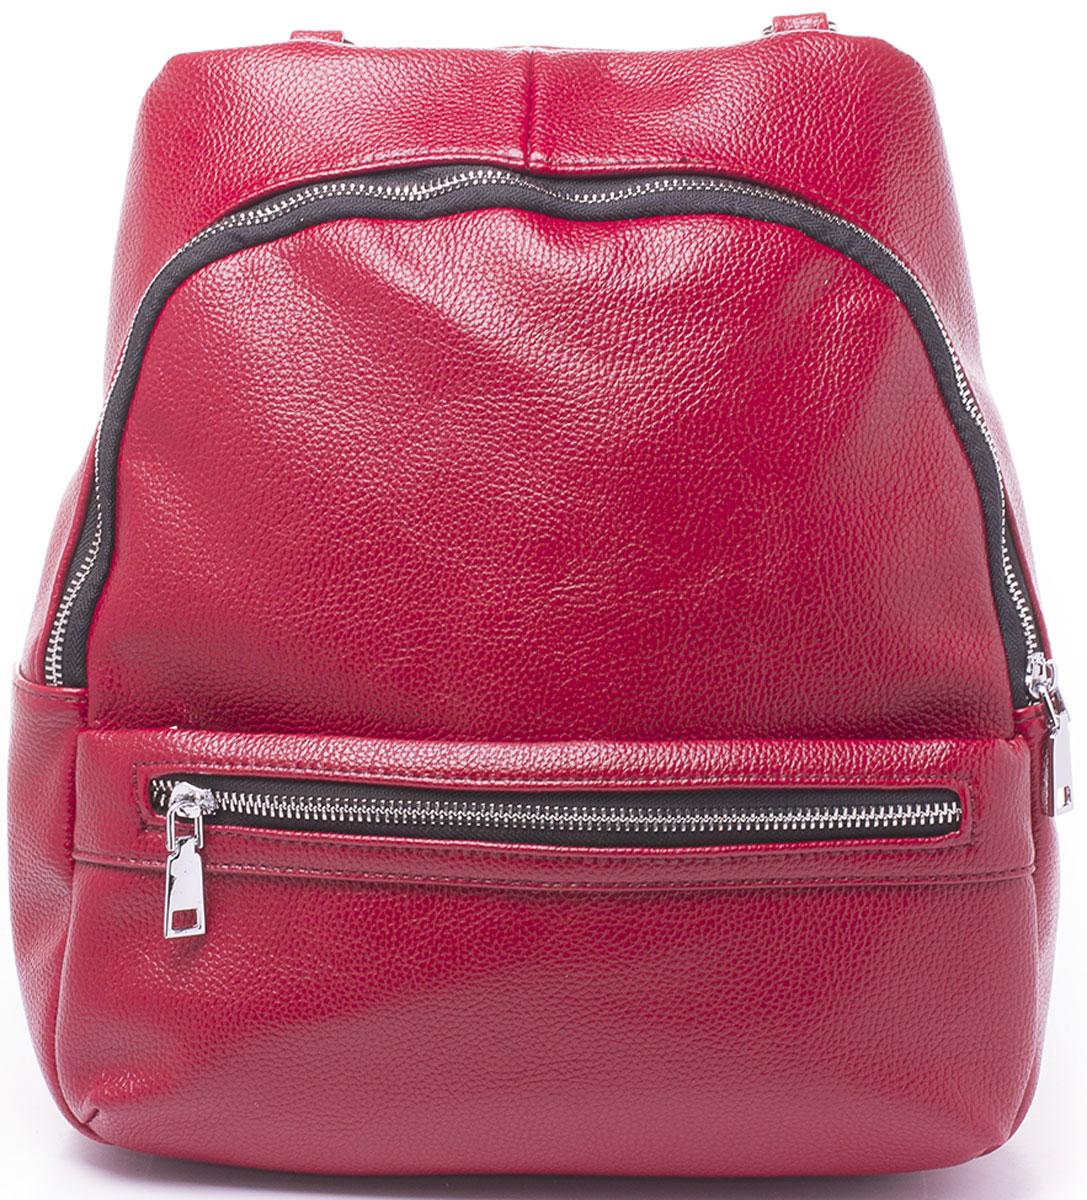 Рюкзак женский Baggini, цвет: красный. 29909/69S76245Рюкзак Baggini - модное и практичное решение. Рюкзак можно носить как на регулируемых по длине лямках, так и на наплечном ремне, как сумку. Изделие выполнено из экокожи и имеет одно большое отделение внутри, которое застегивается на молнию. Само отделение вмещает в себя еще три кармана: два накладных кармашка для телефона и мелочей и один прорезной на застежке-молнии. Так же рюкзак оснащен двумя находящимися рядом карманами спереди и одним сзади, оба на застежке-молнии.